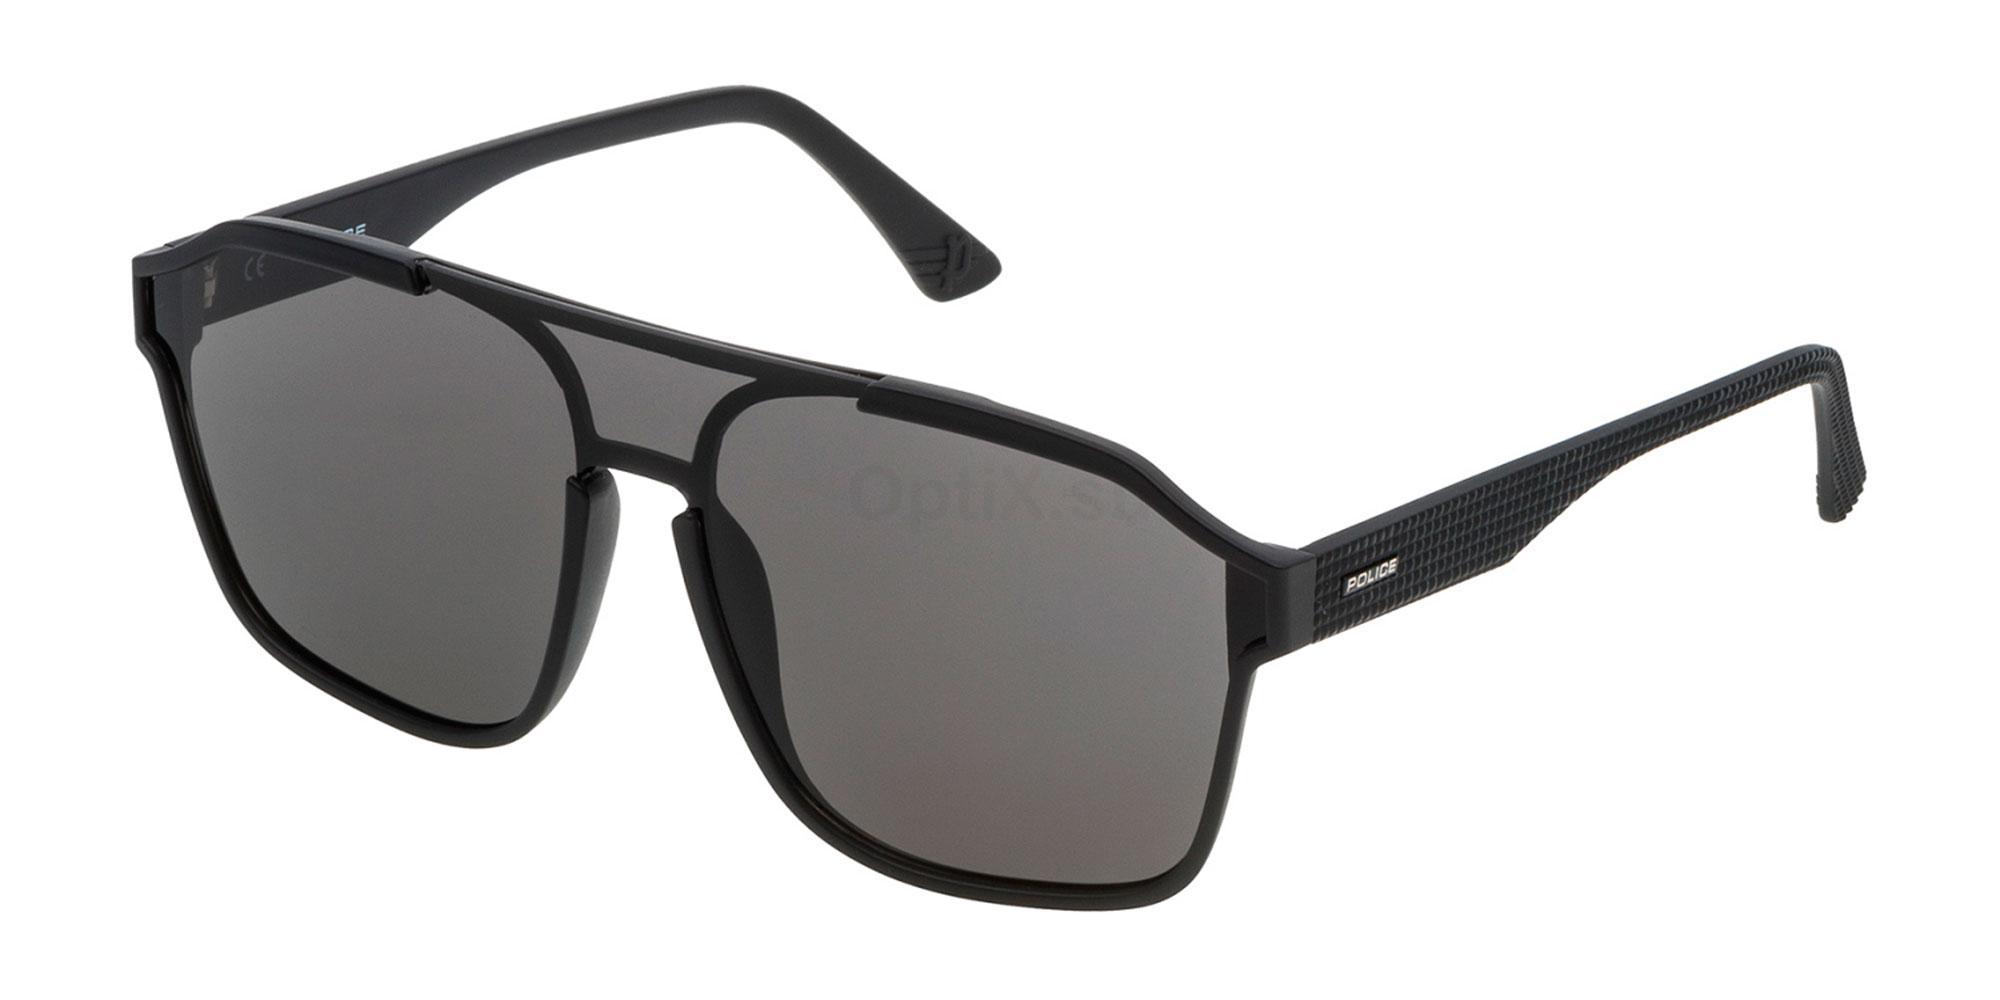 0U28 SPL497 Sunglasses, Police